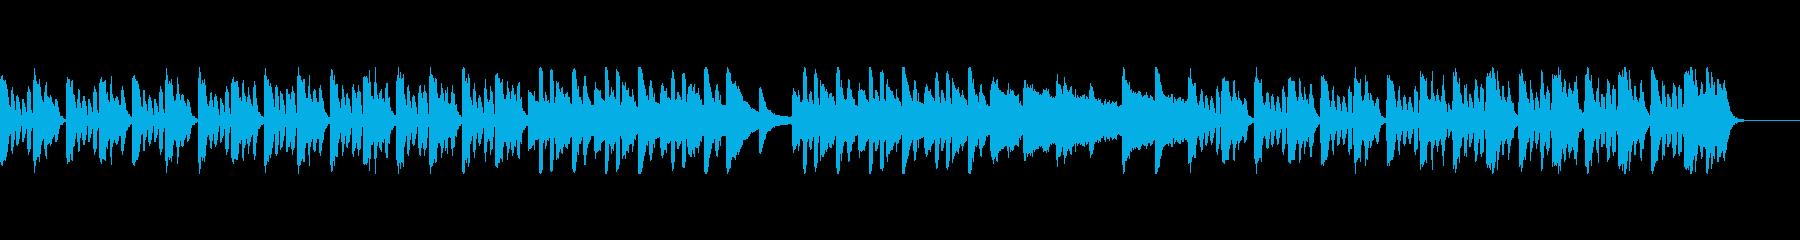 リズミカルで軽快なBGMの再生済みの波形